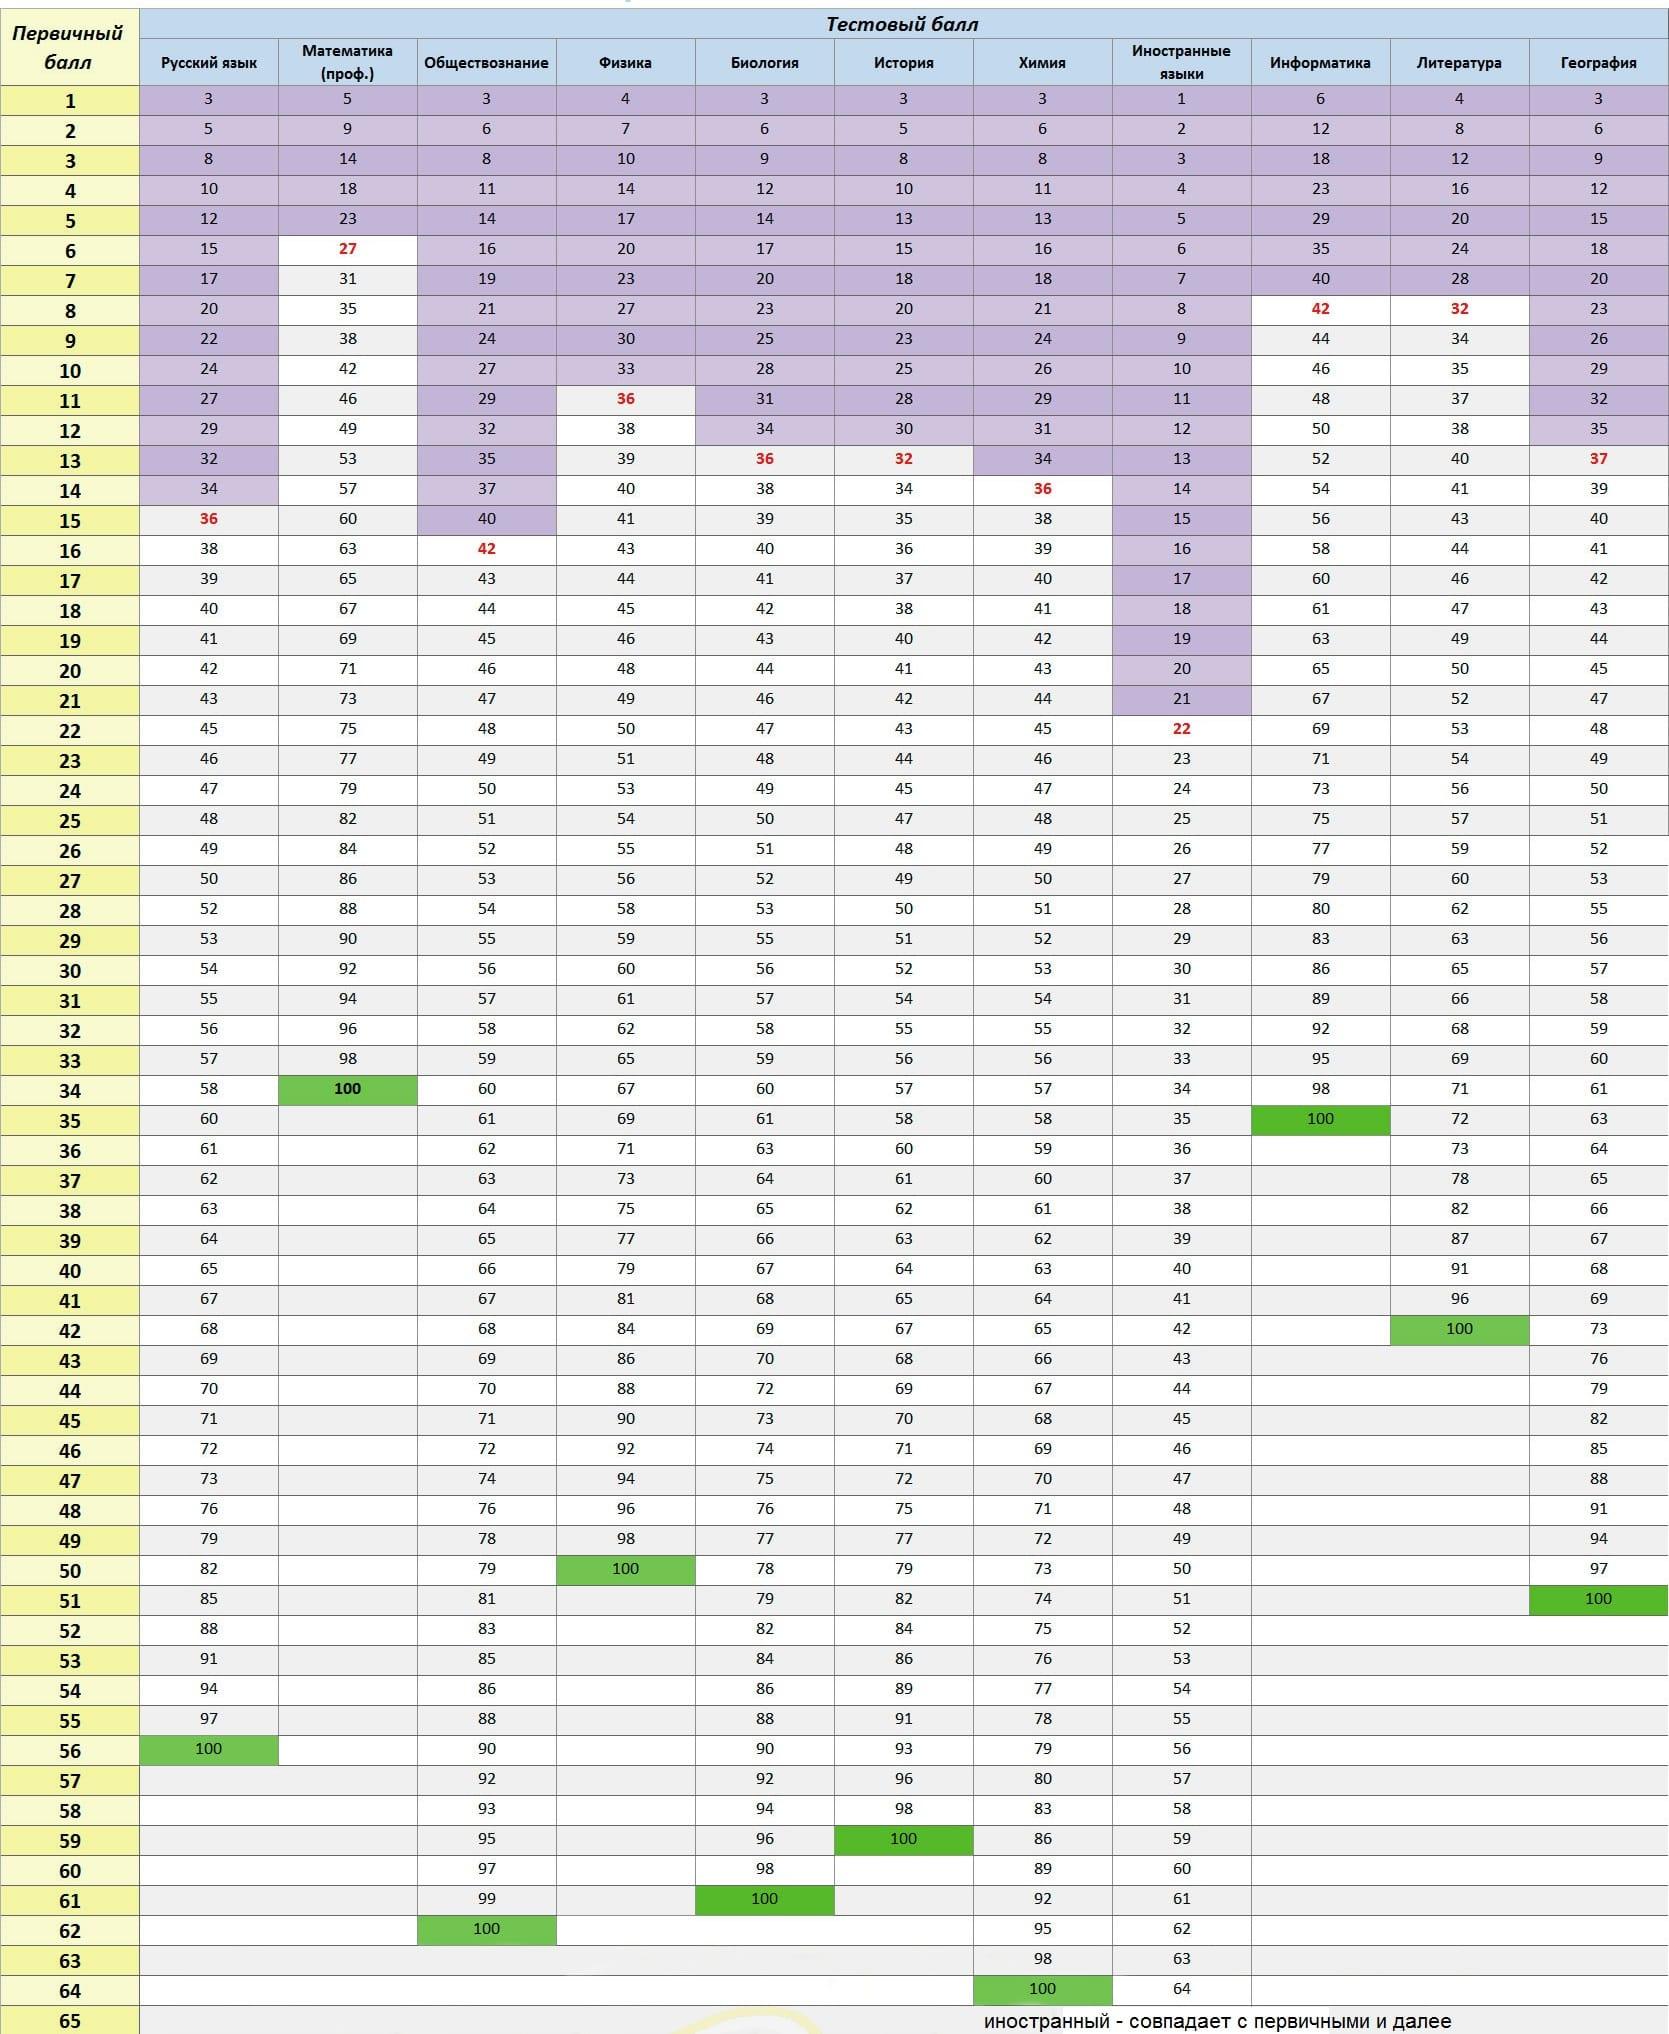 Огэ по физике шкала перевода тестовыз баллов в оценки